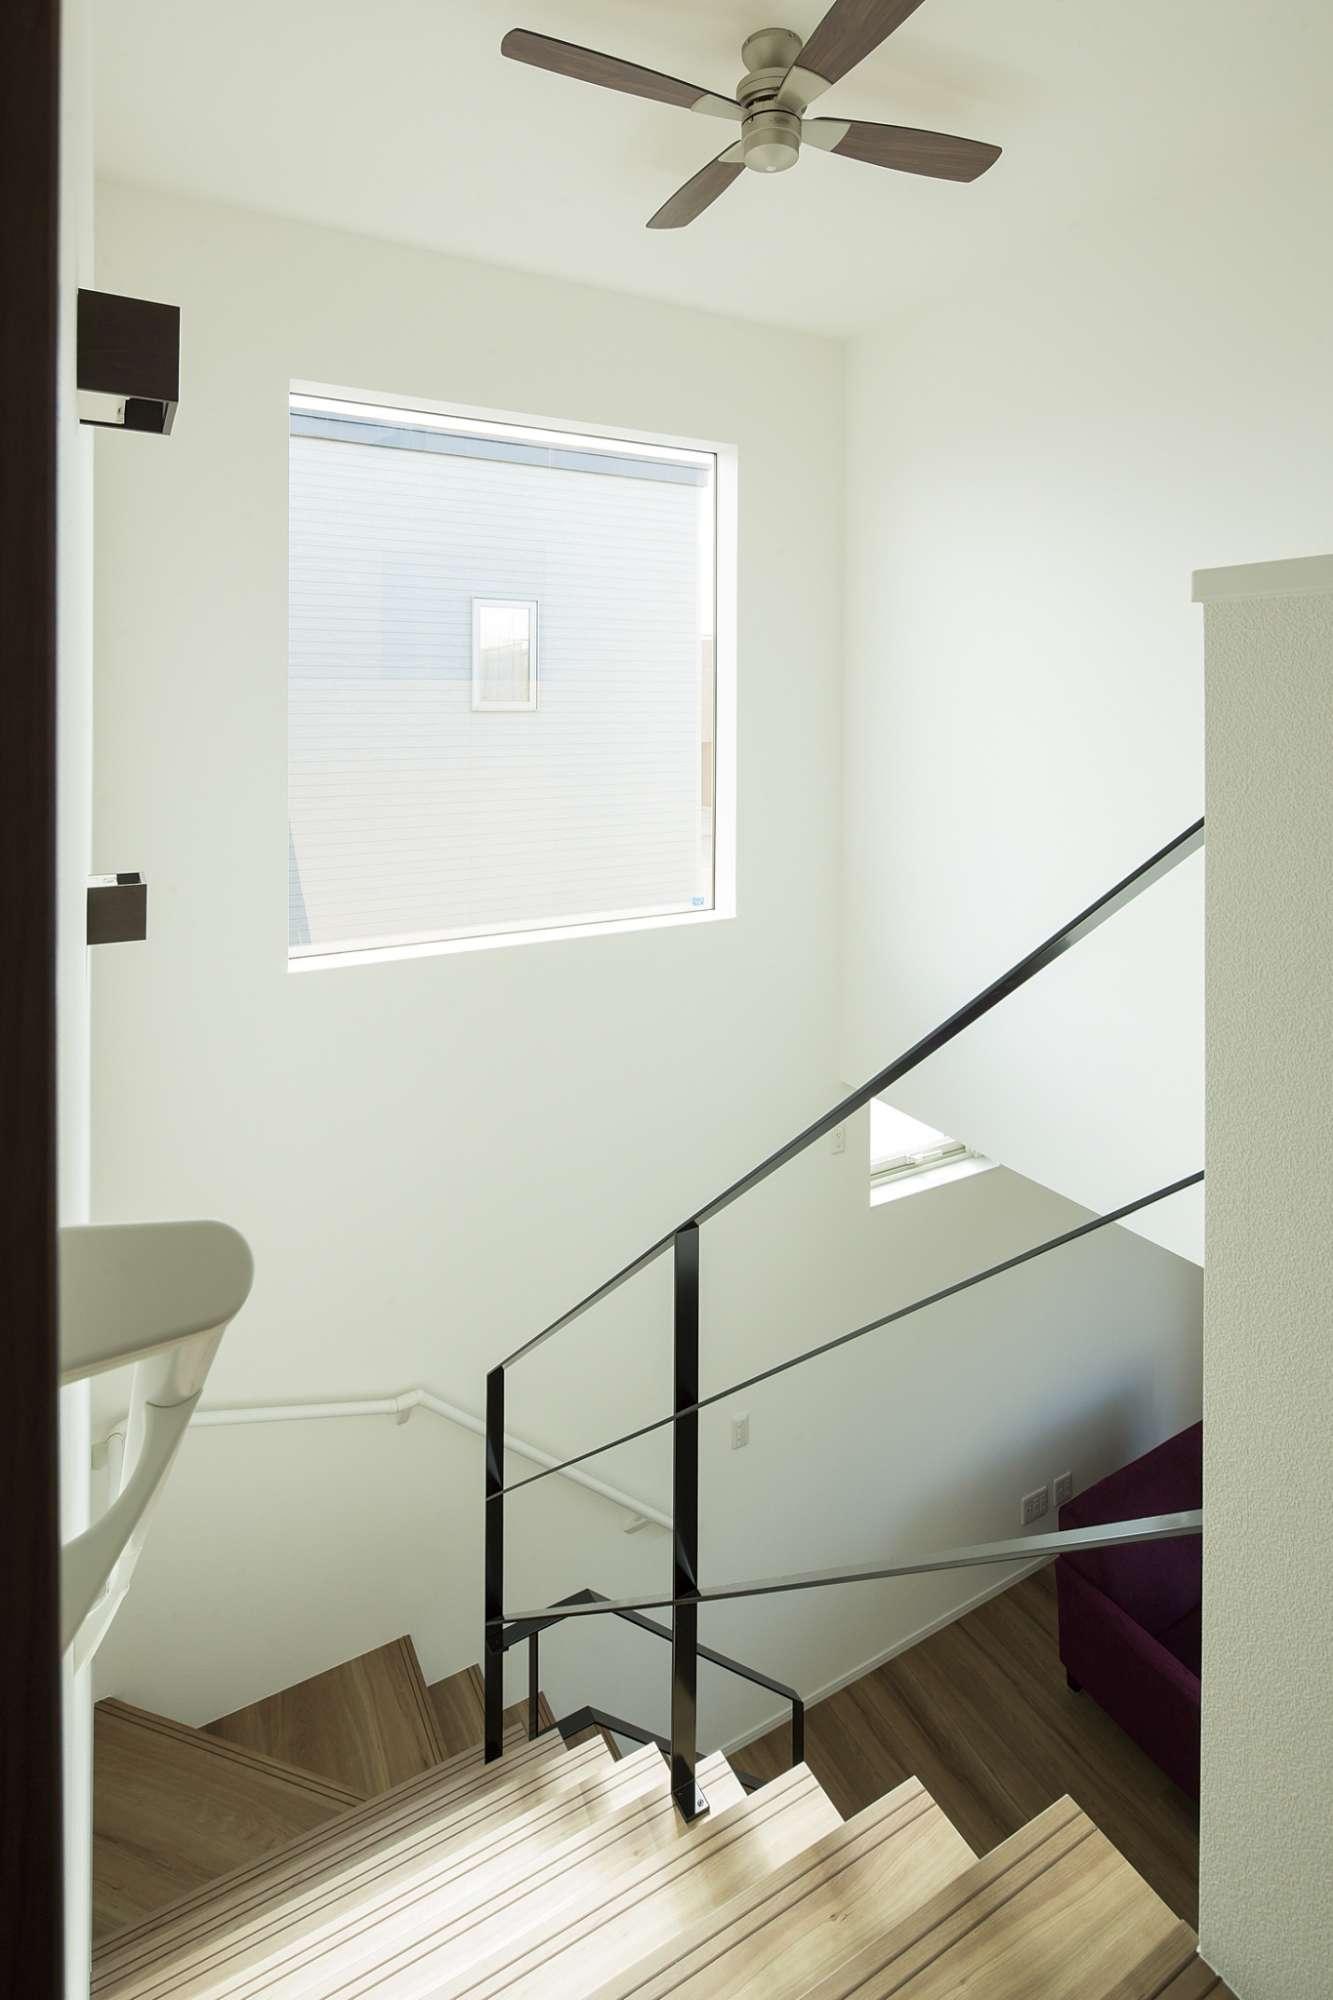 階段上部は吹き抜けで開放感があり、シーリングファンも設置 -  -  -